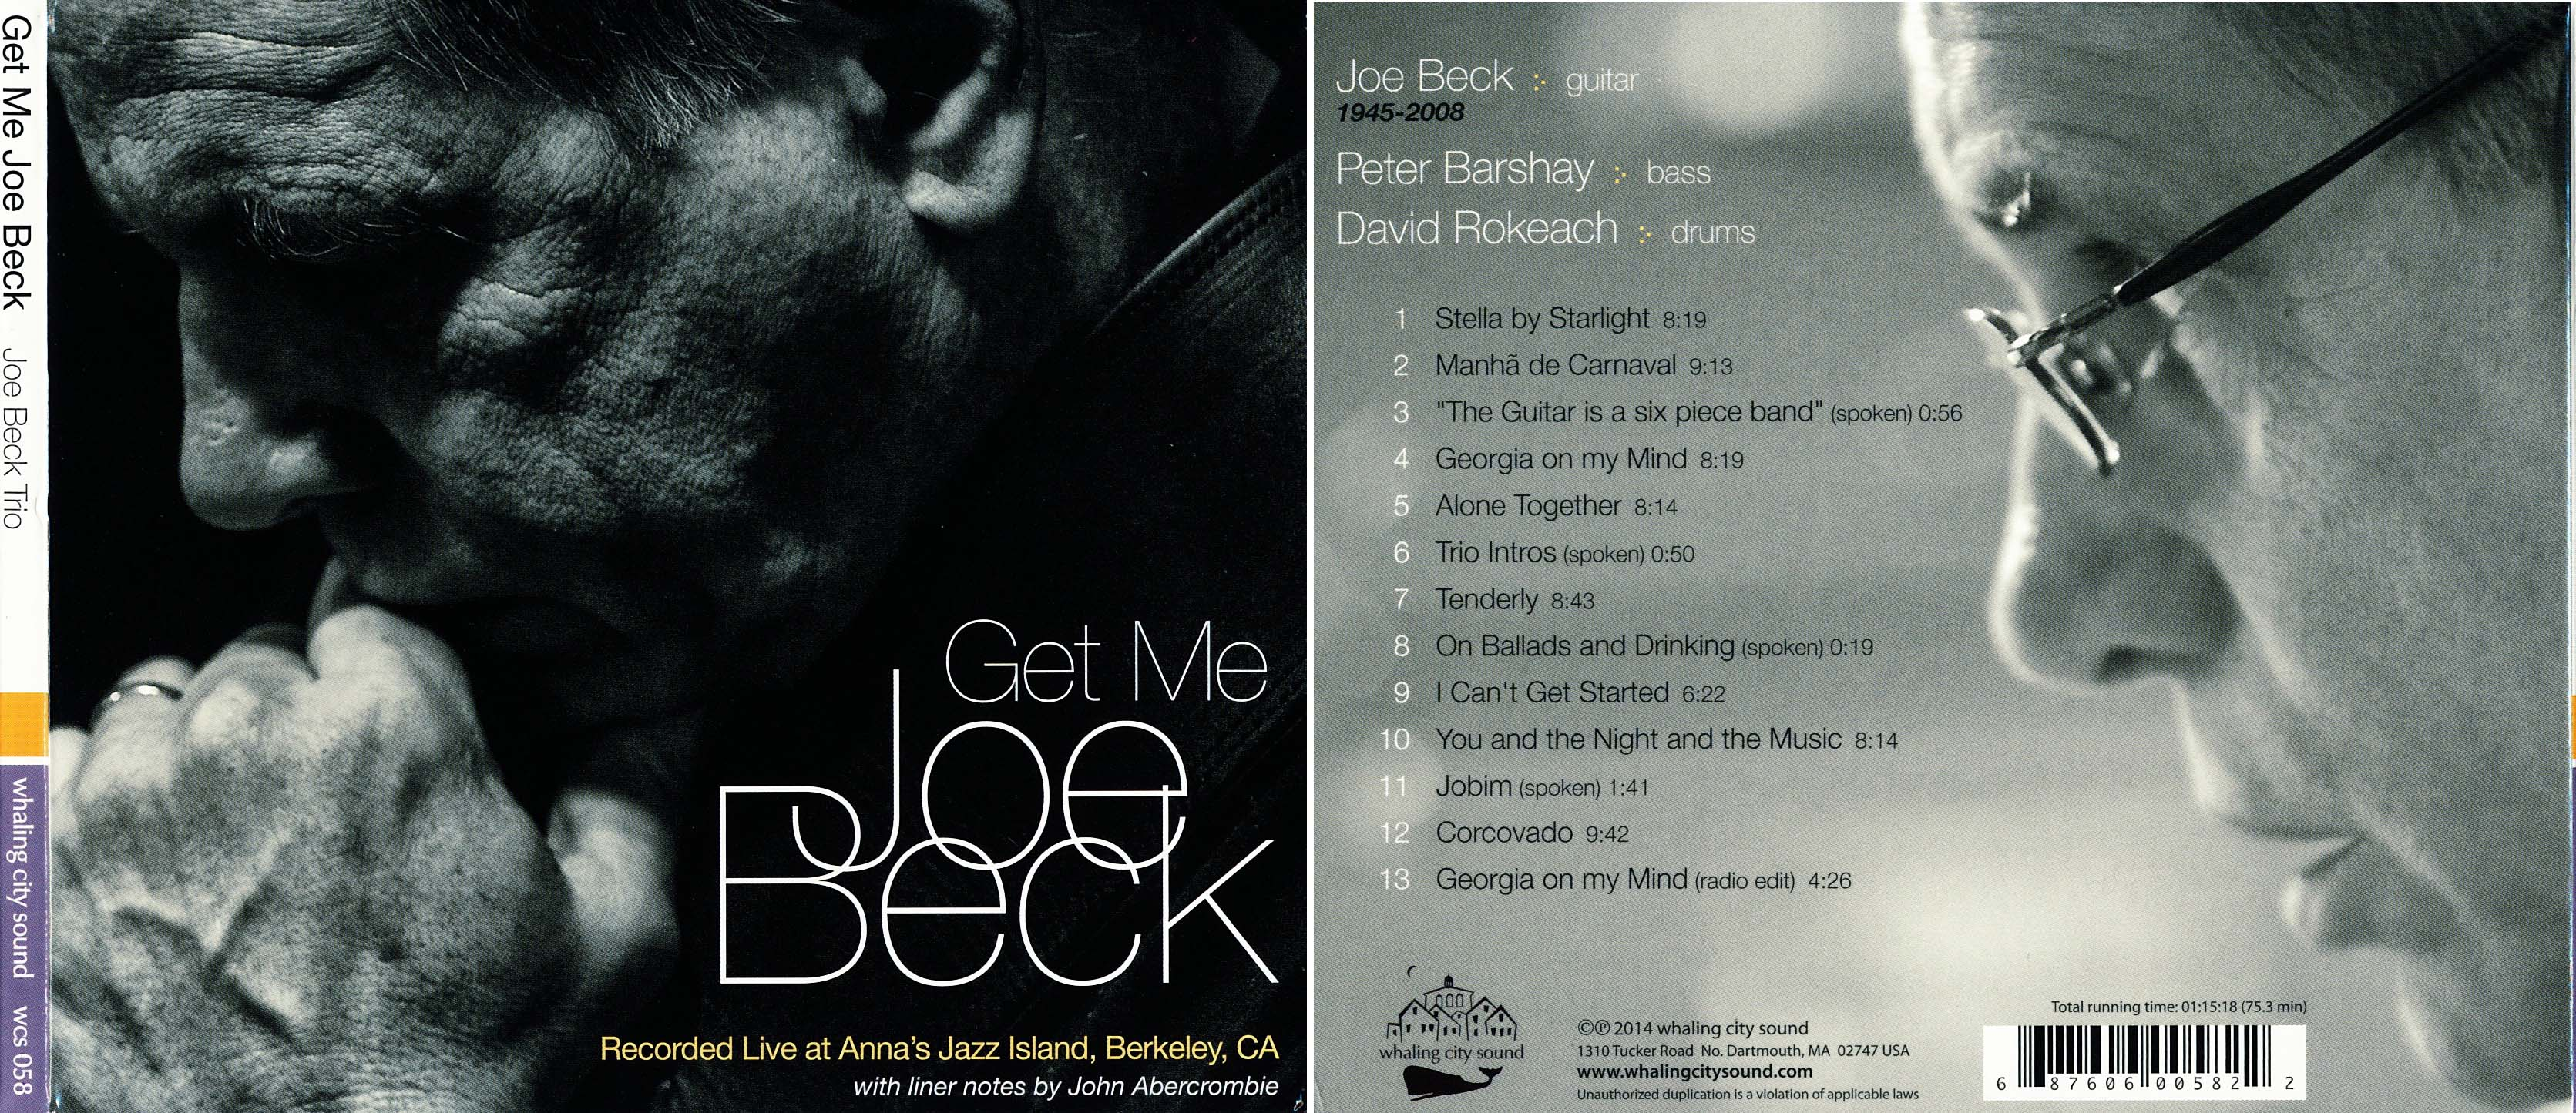 Joe Beck | Get Me